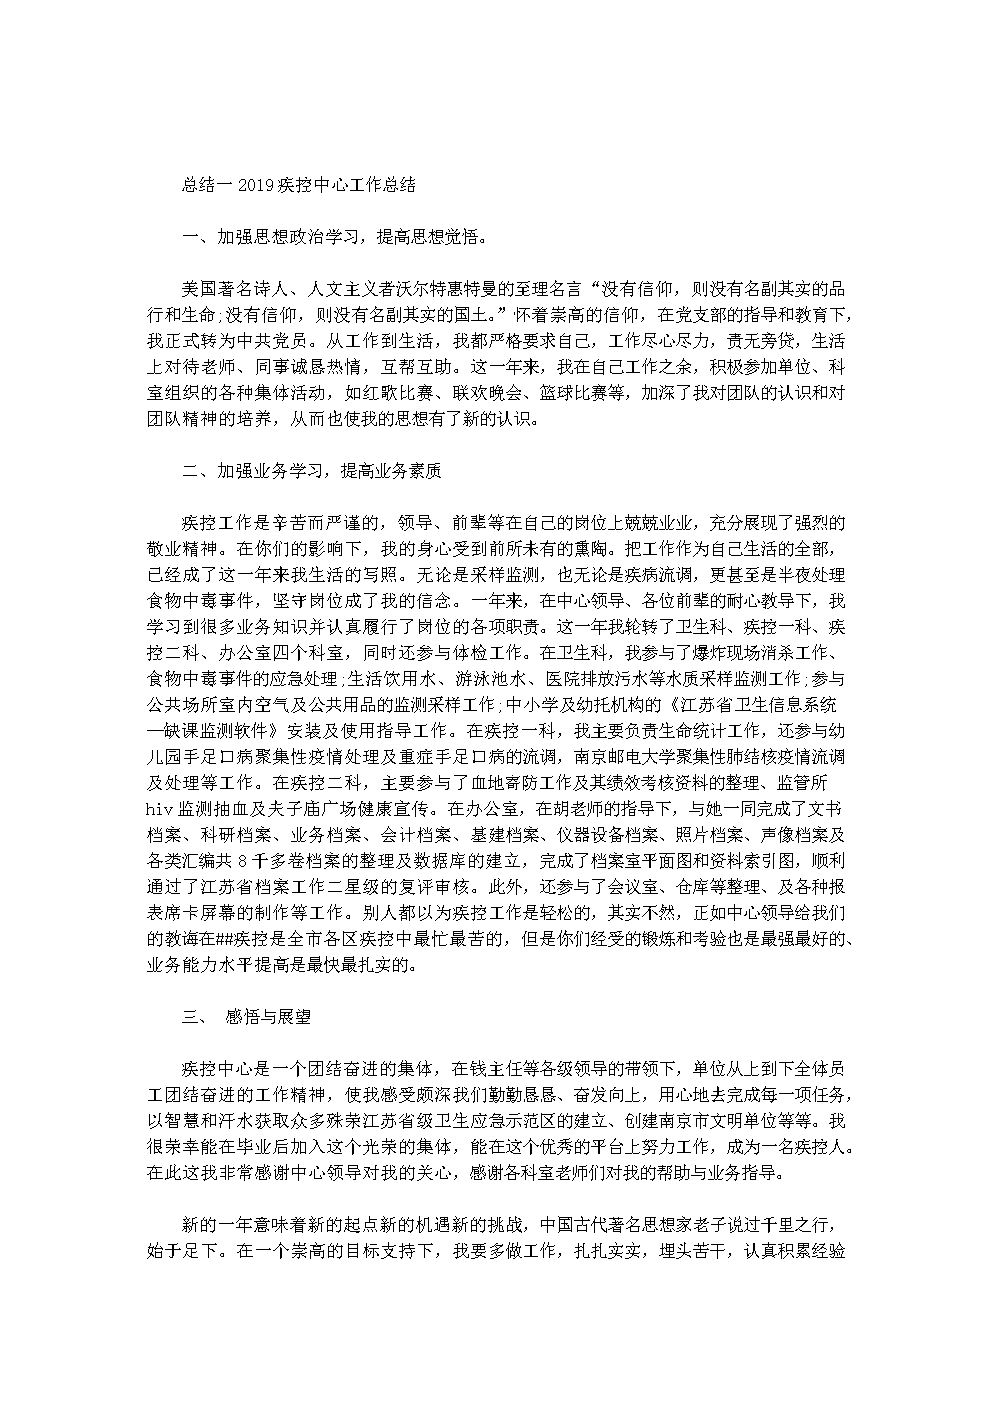 疾控中心行政办公室工作总结范本范文.doc